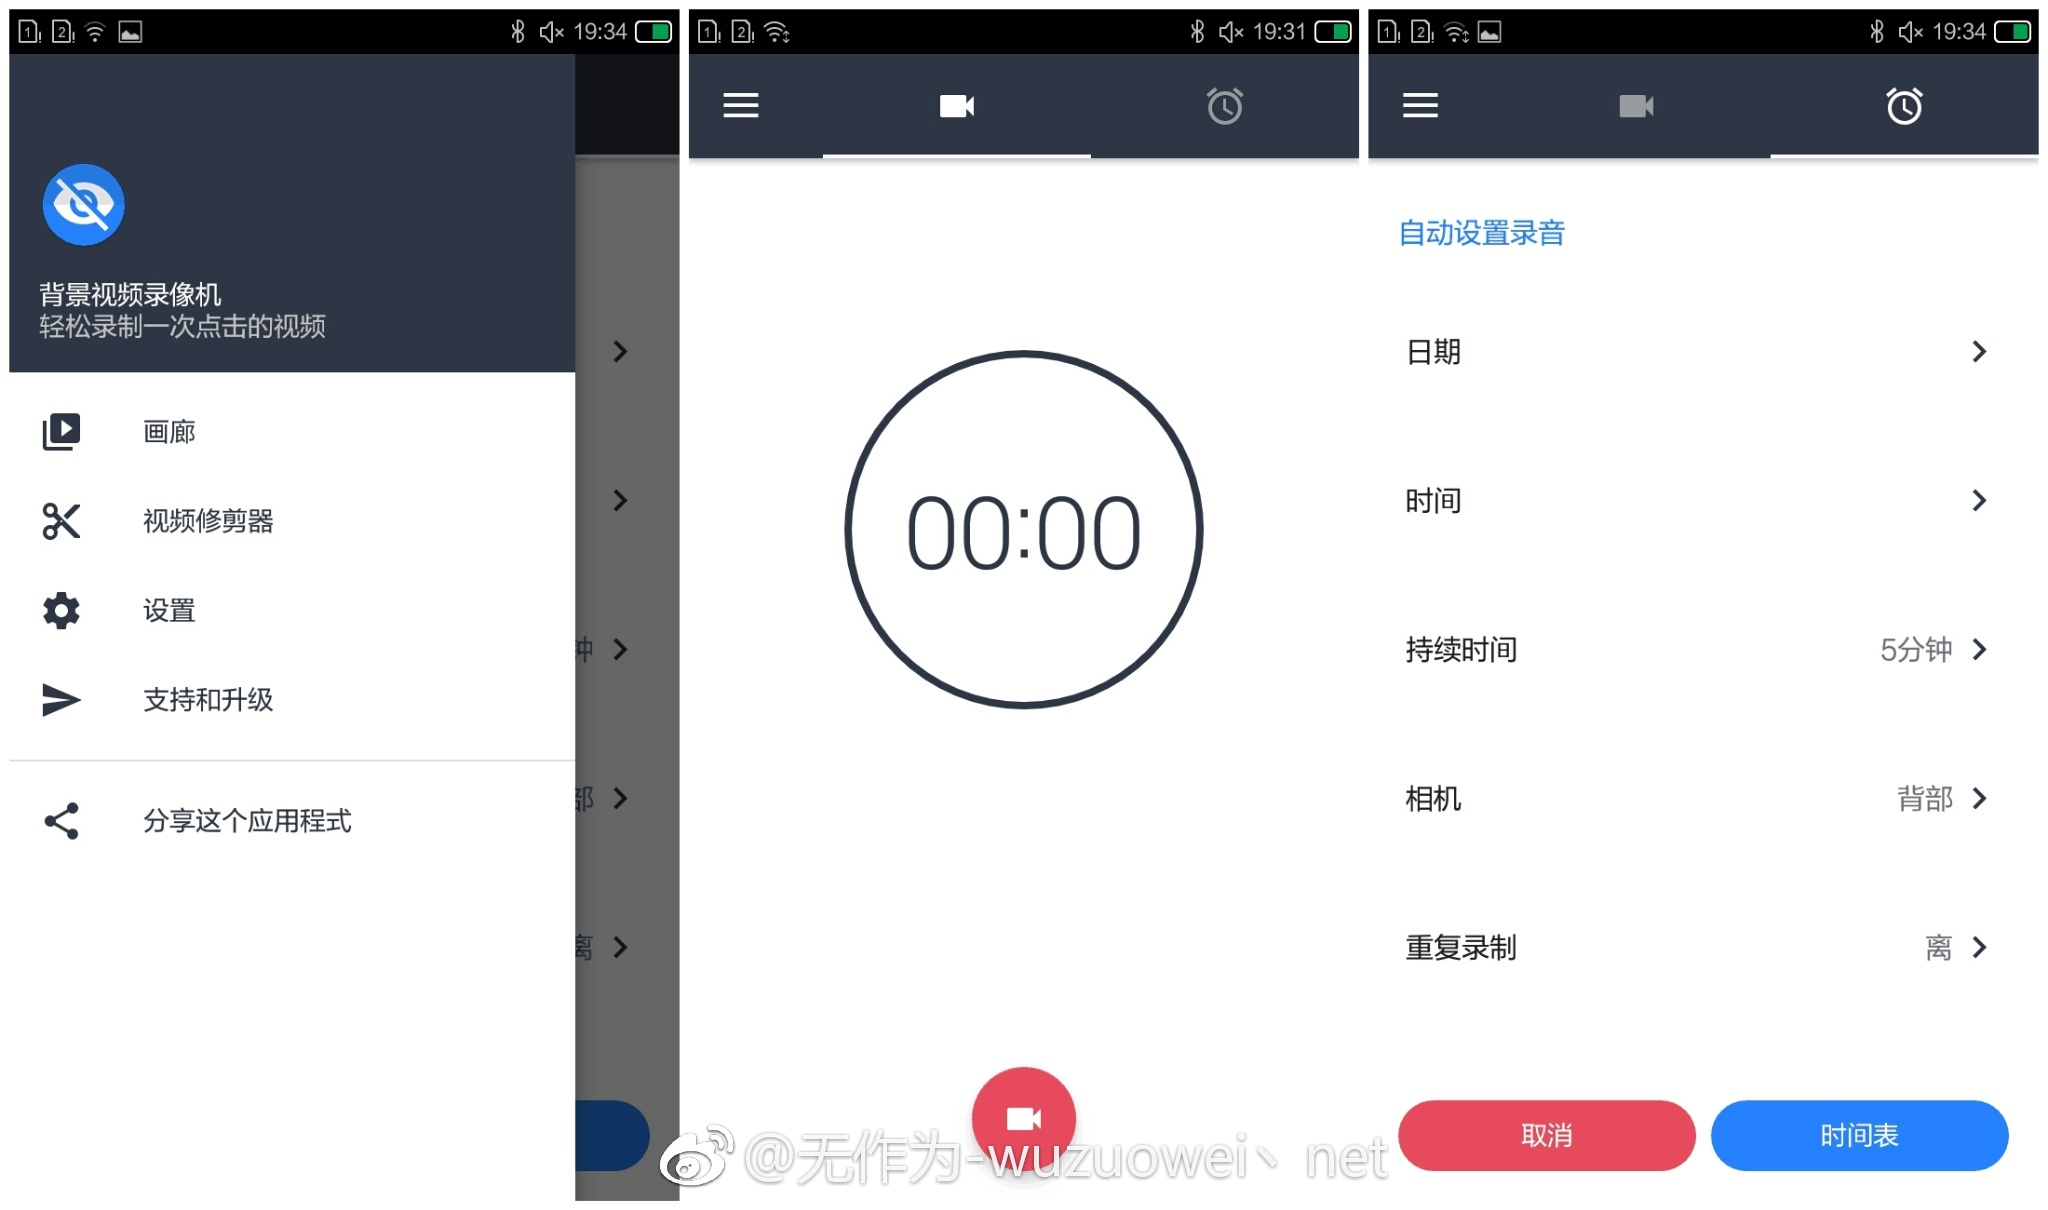 手机隐秘拍摄:偷拍相机-隐秘录像app汉化破解版